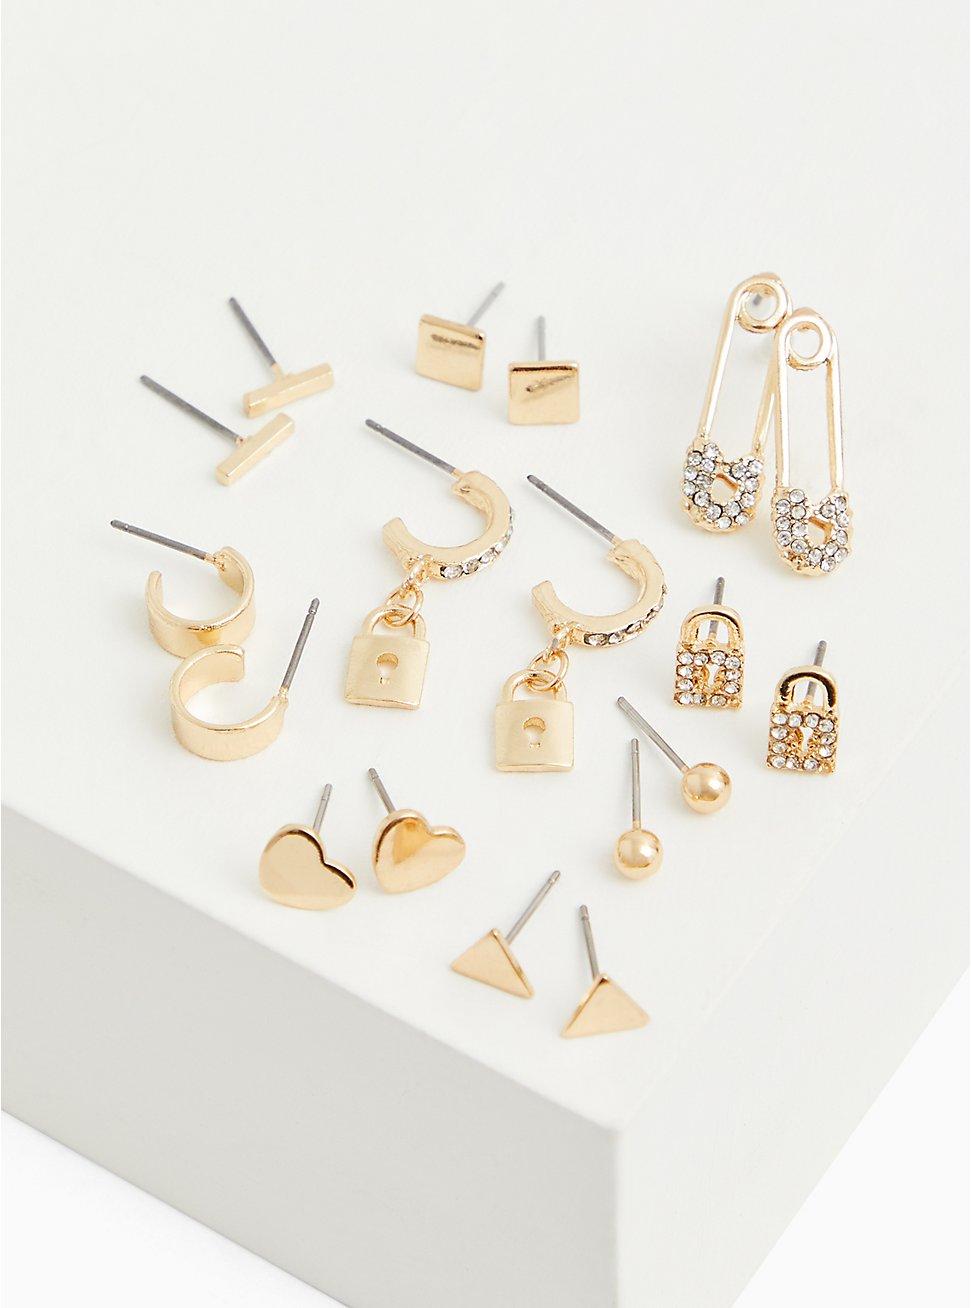 Gold-Tone Rhinestone Safety Pin Stud & Huggie Hoop Earrings Set - Set of 9, , hi-res